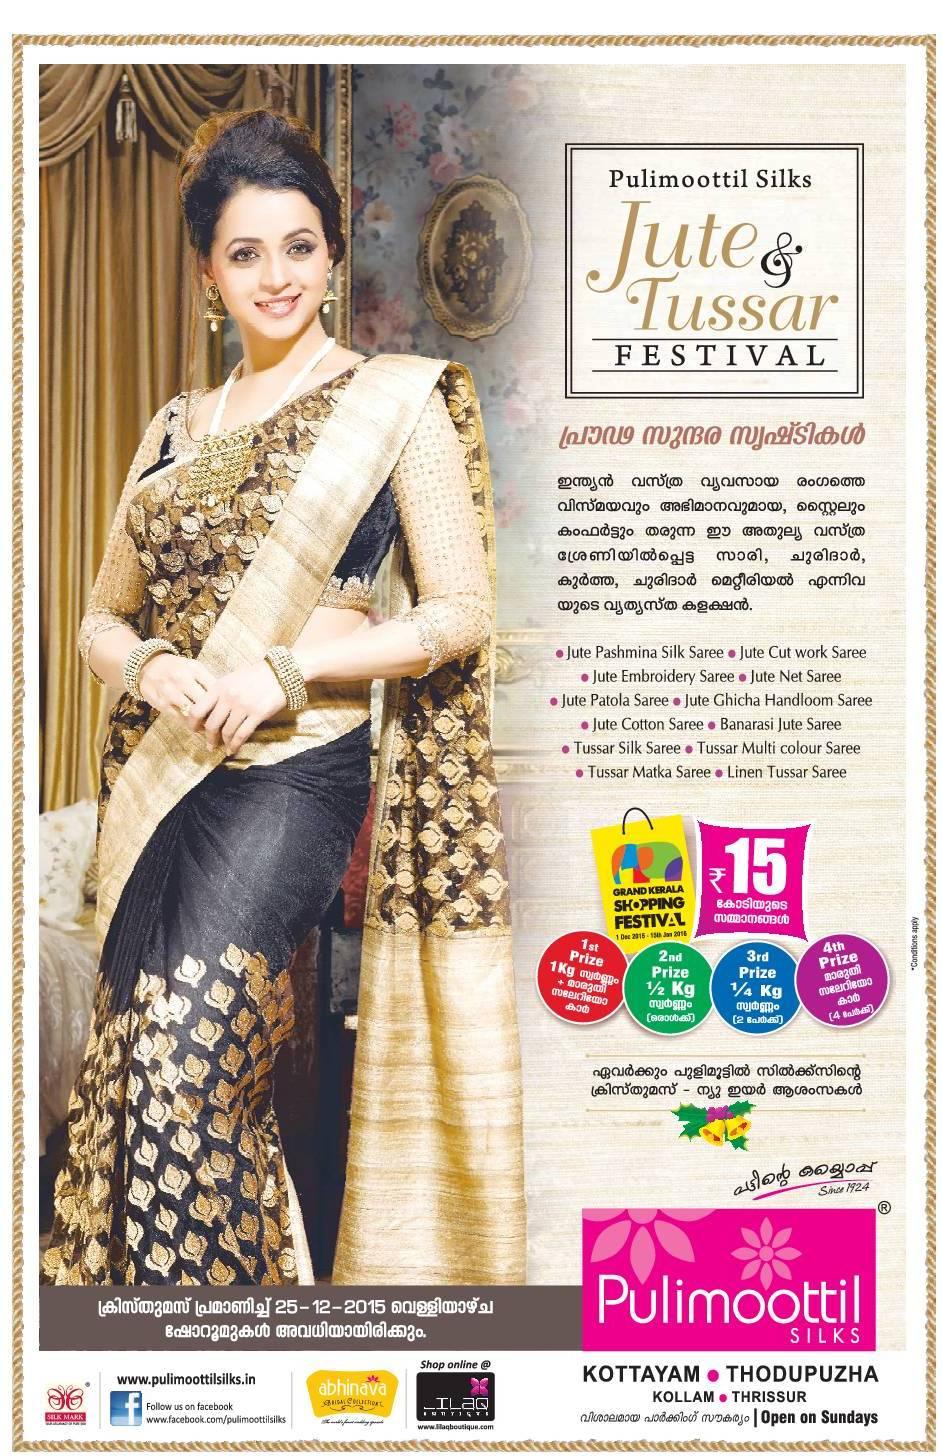 Pulimoottil silks kottayam bhavana new year 2016 advertisements pulimoottil silks kottayam bhavana new year 2016 advertisements thecheapjerseys Gallery